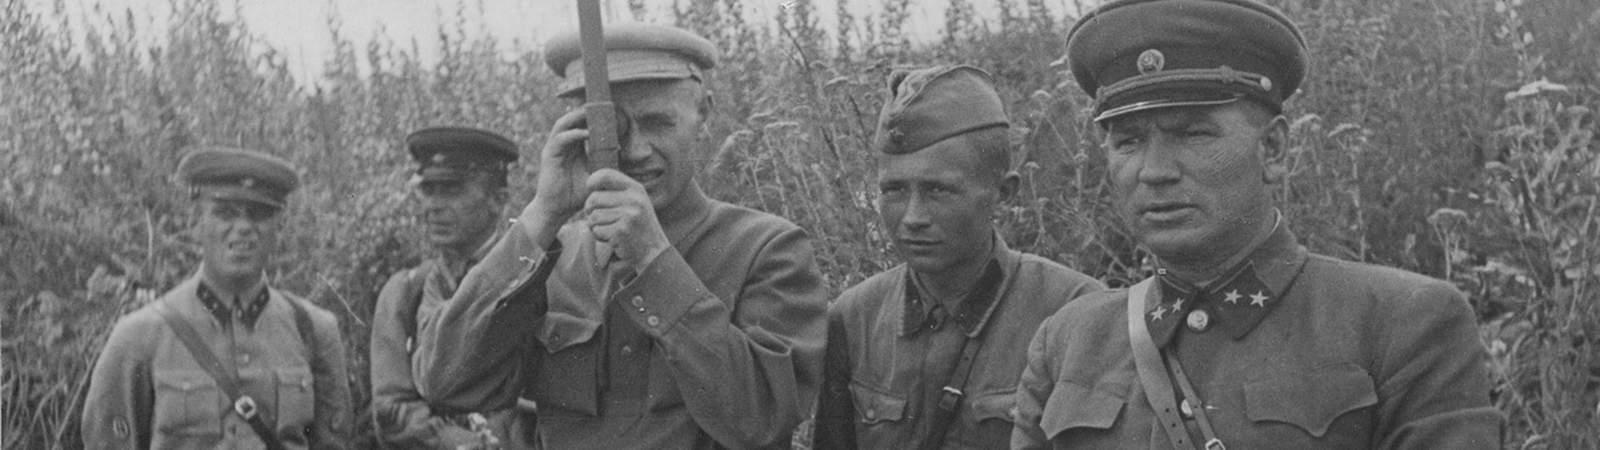 Граница, 22 июня 1941 г.